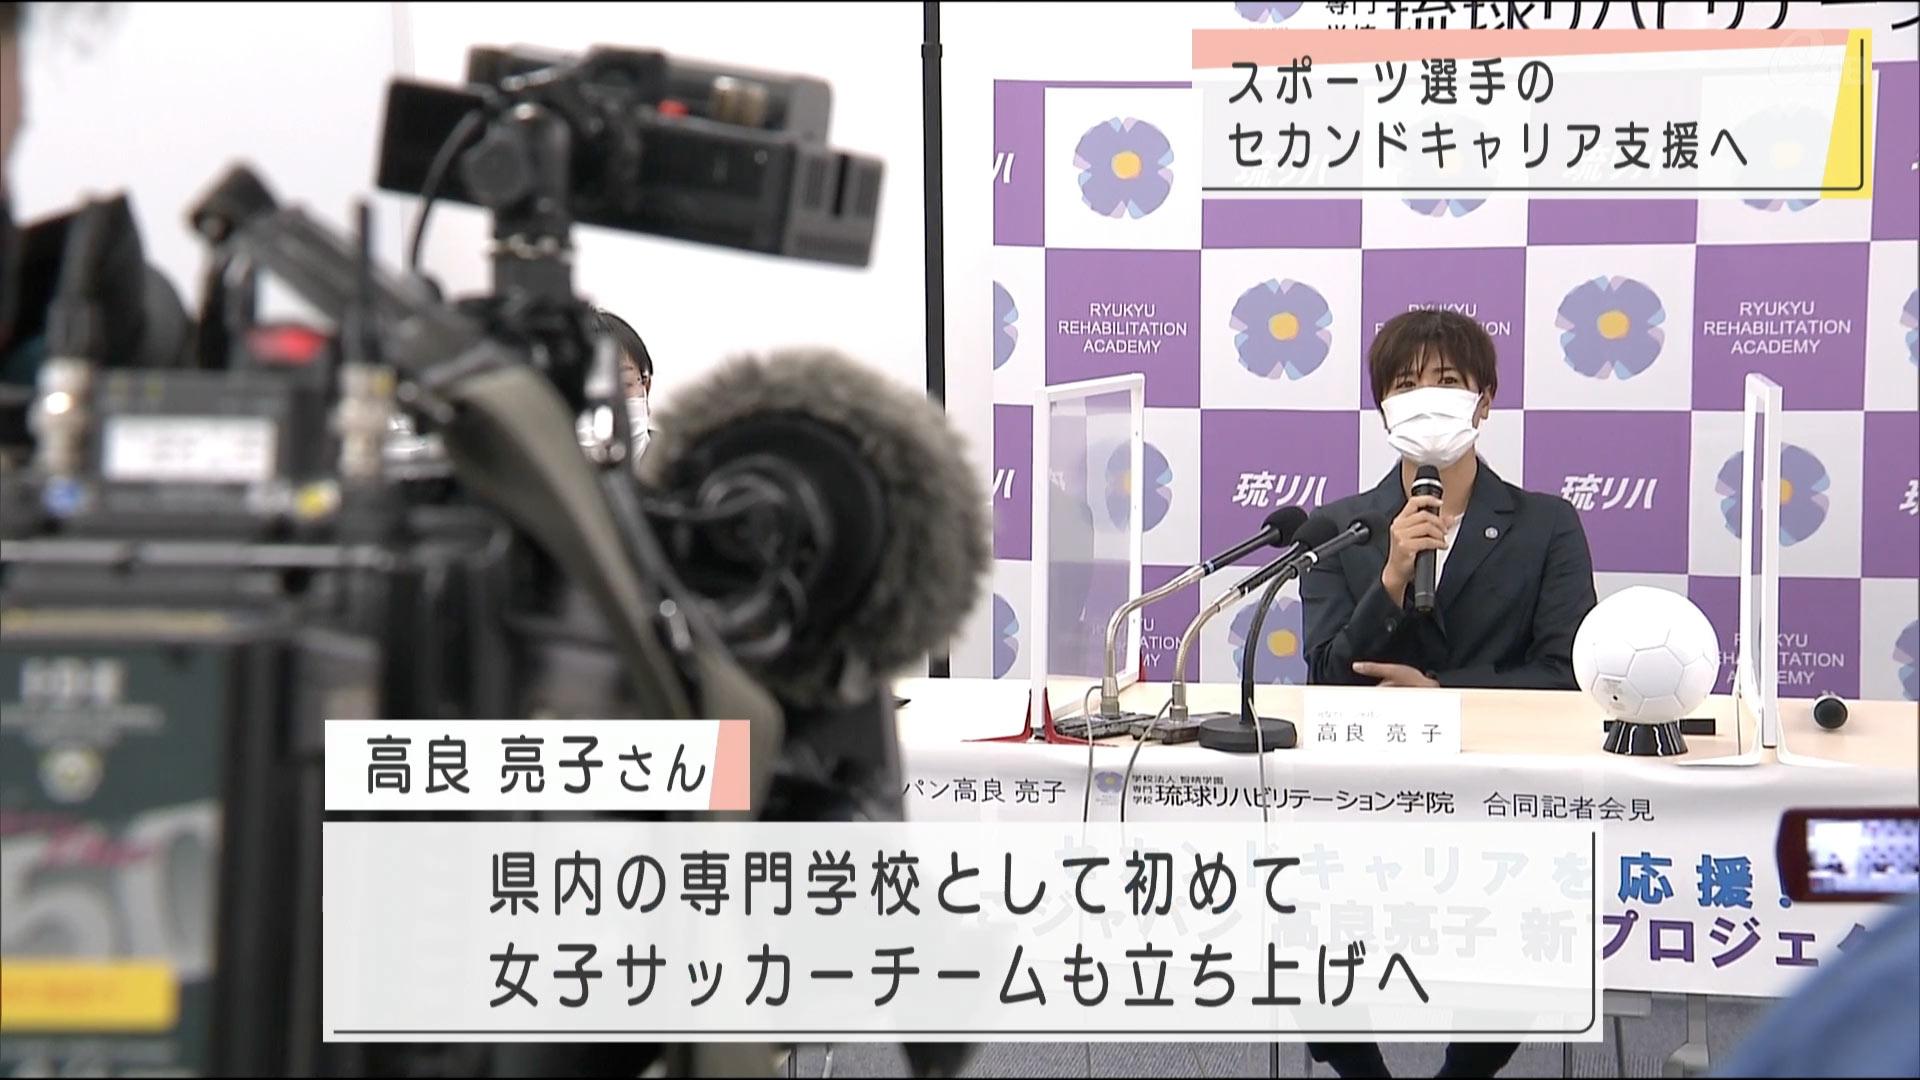 琉球リハ・高良亮子さんとセカンドキャリア支援